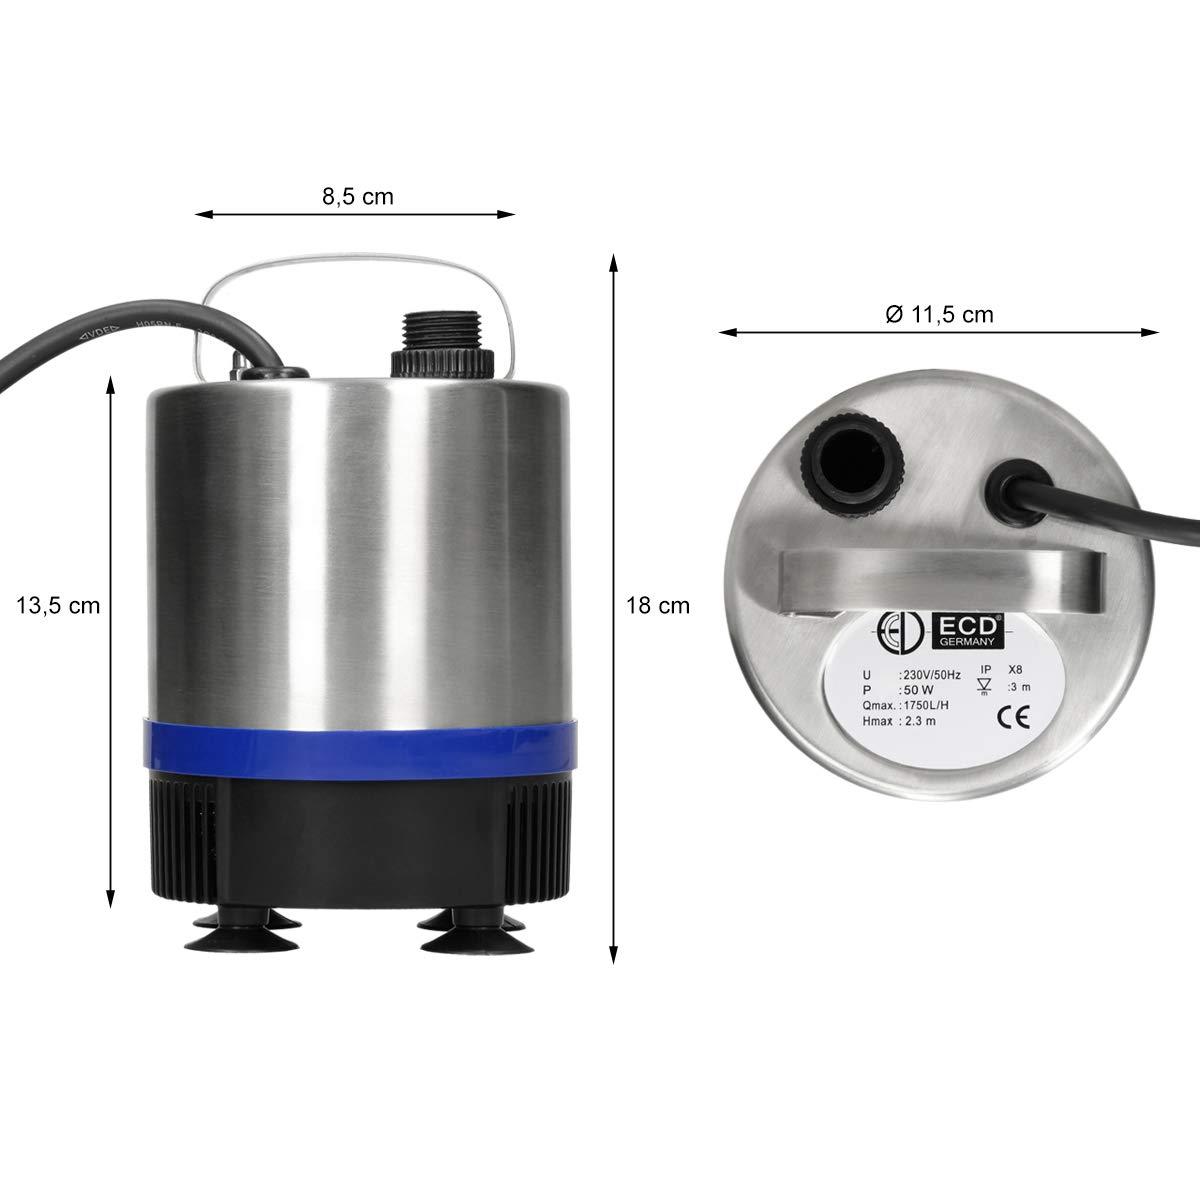 C/âble 10m ECD Germany Pompe pour fontaine 50W Pompe /à eau 50W 1750 l//h Pompe de bassin Bleu Acier inoxydable